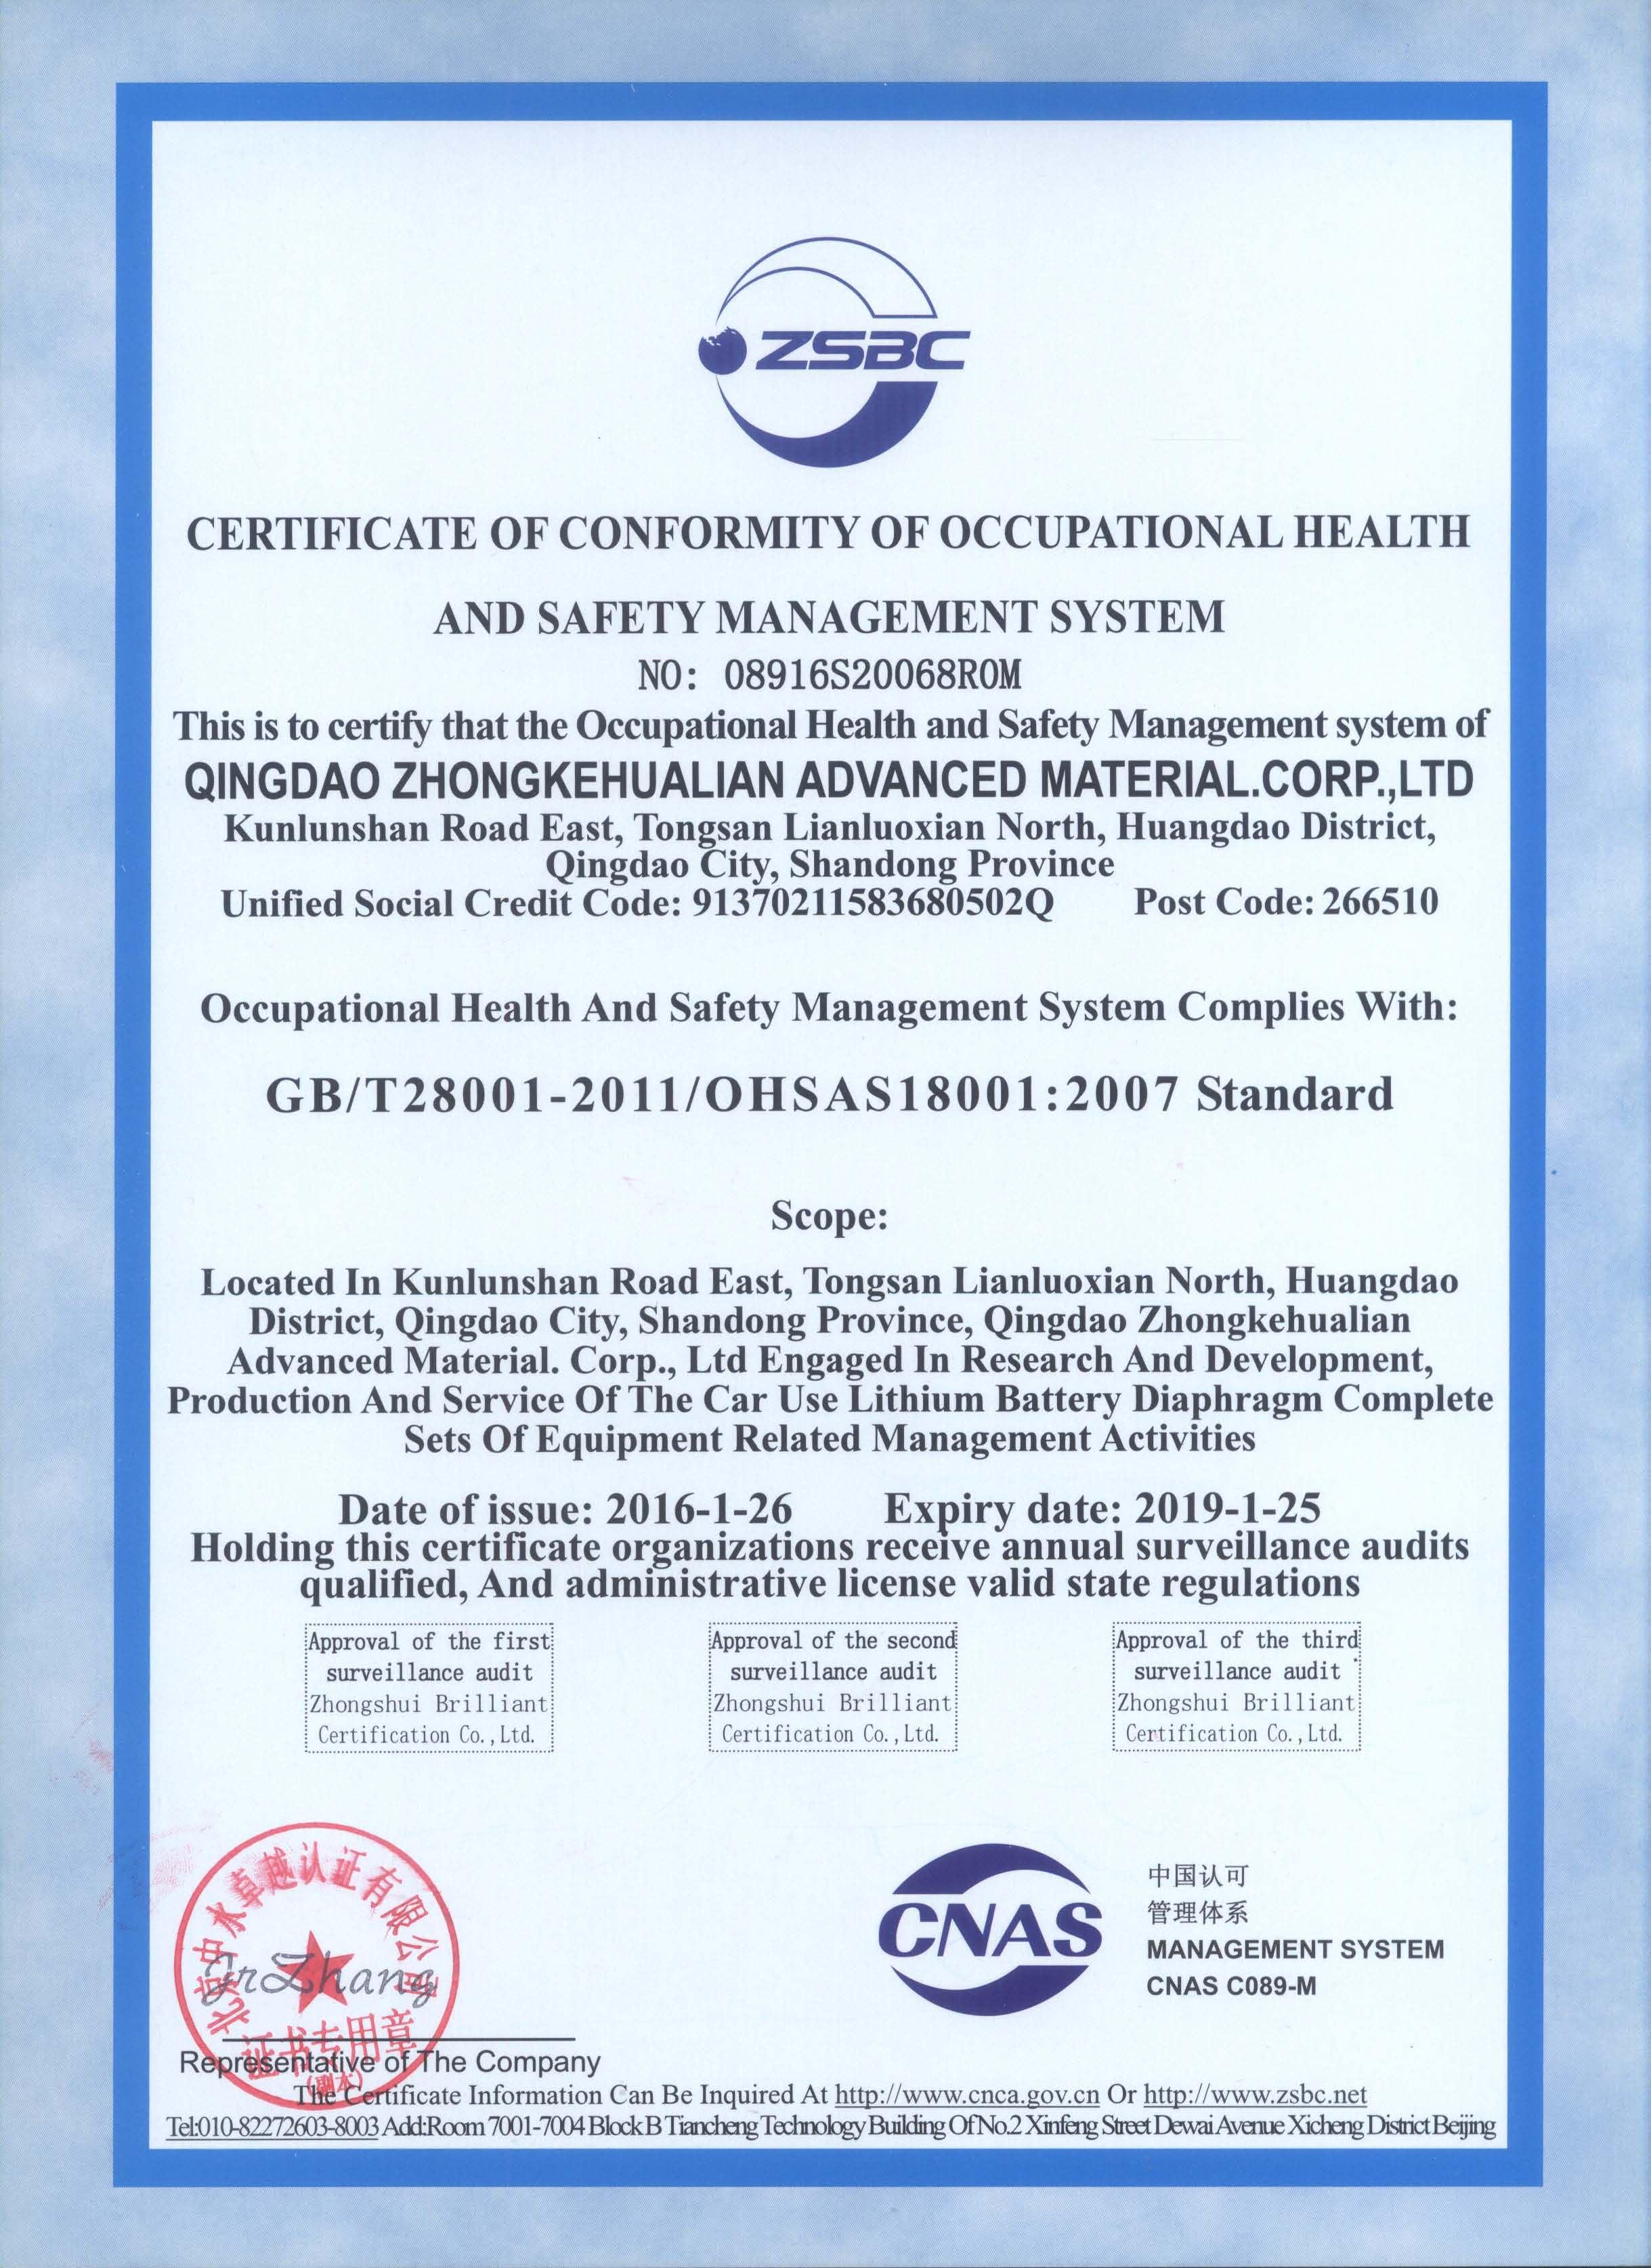 1.4中科華聯職業健康安全管理體系認證證書--英文版